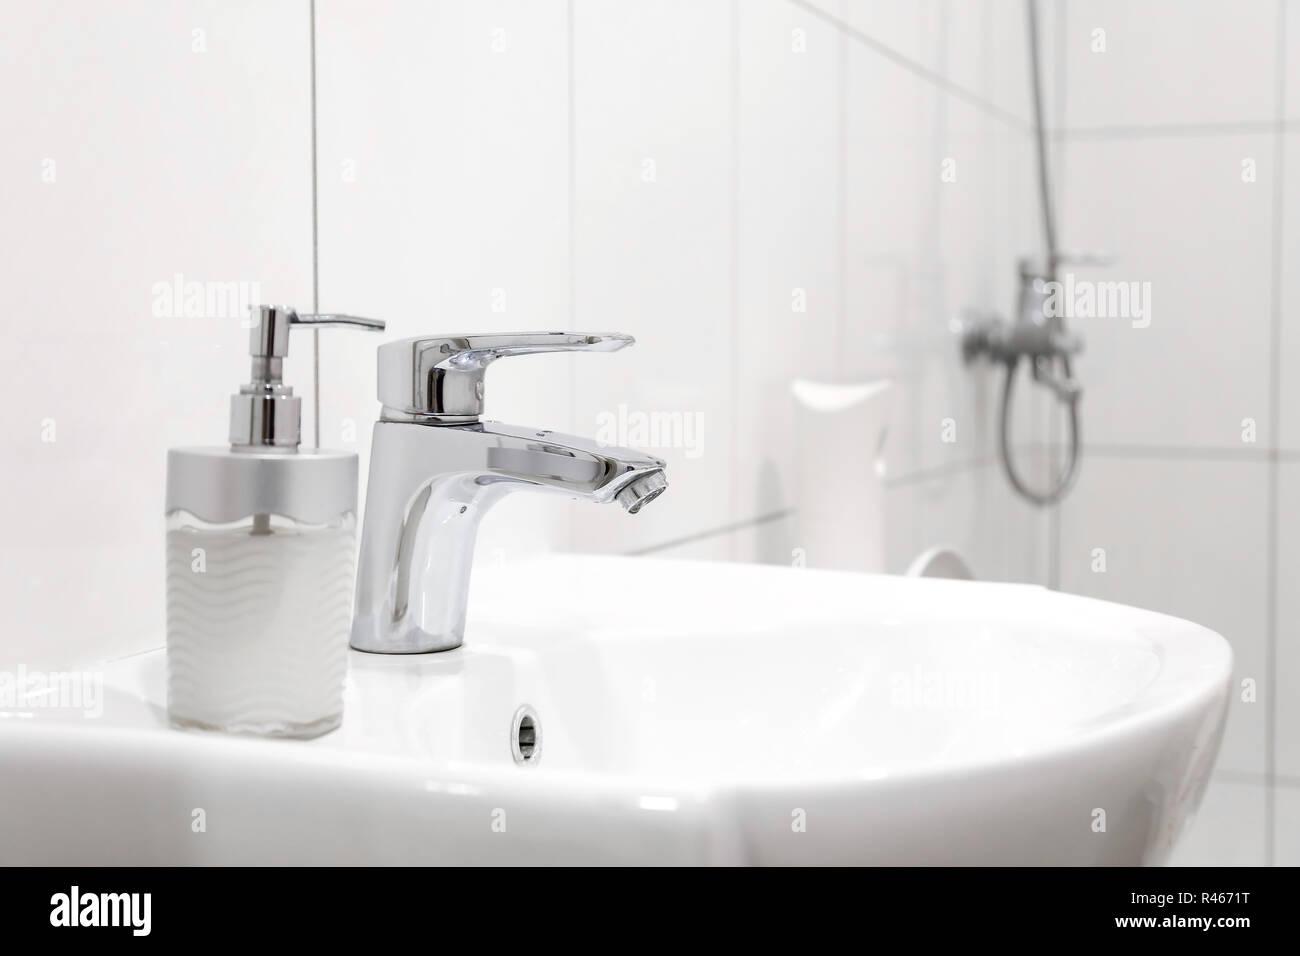 Weiss Stahl Waschbecken Mit Wasserhahn Im Badezimmer Stockfoto Bild